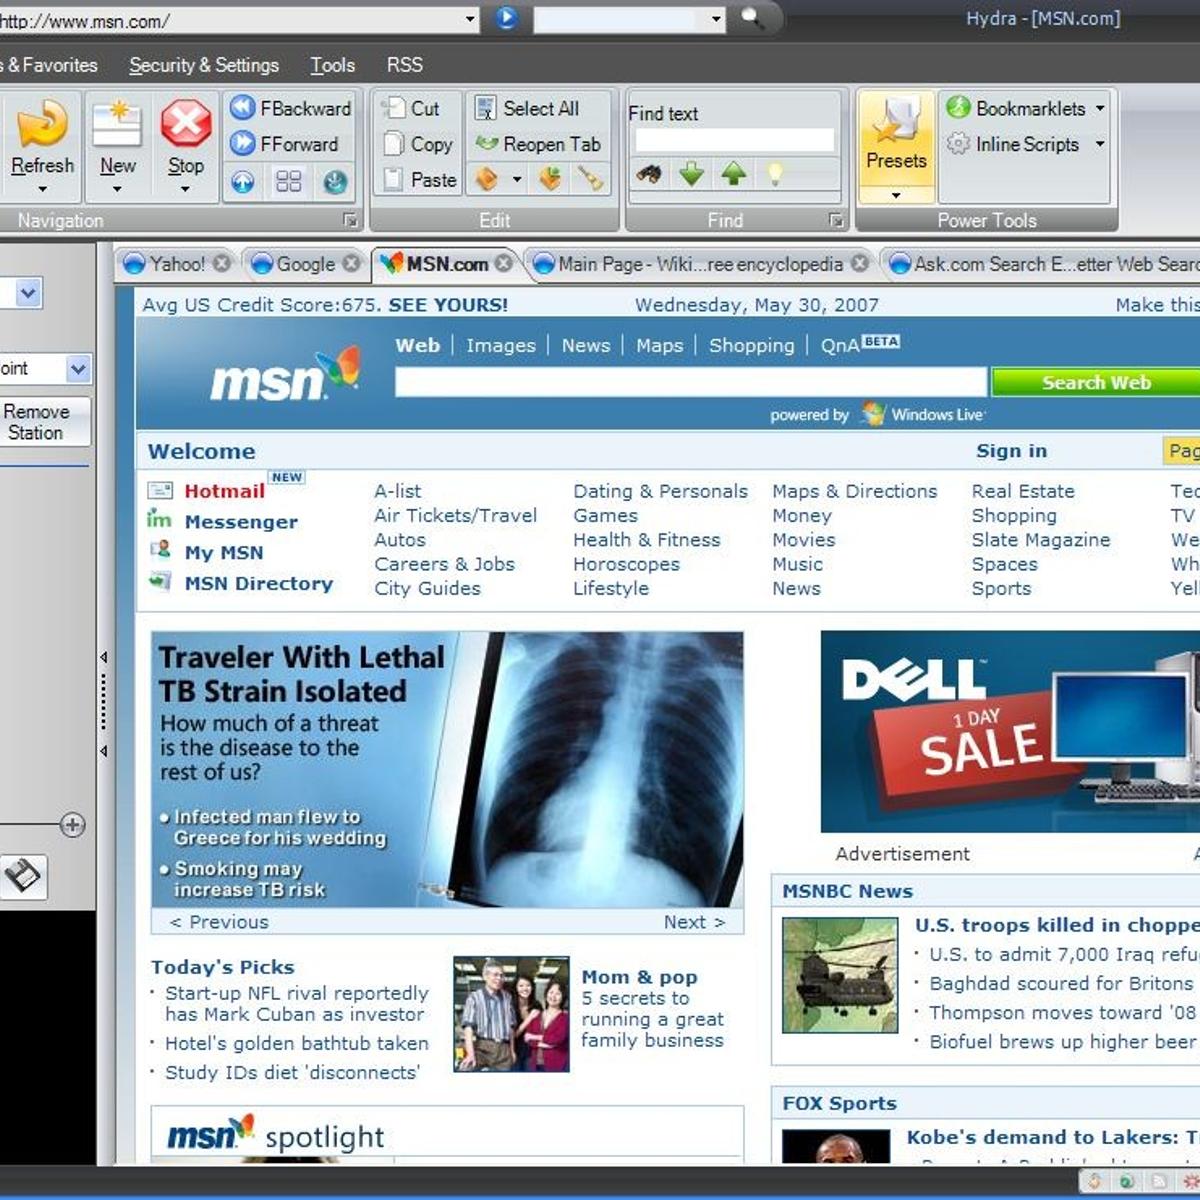 Опера тор браузер скачать hydra tor browser slackware попасть на гидру